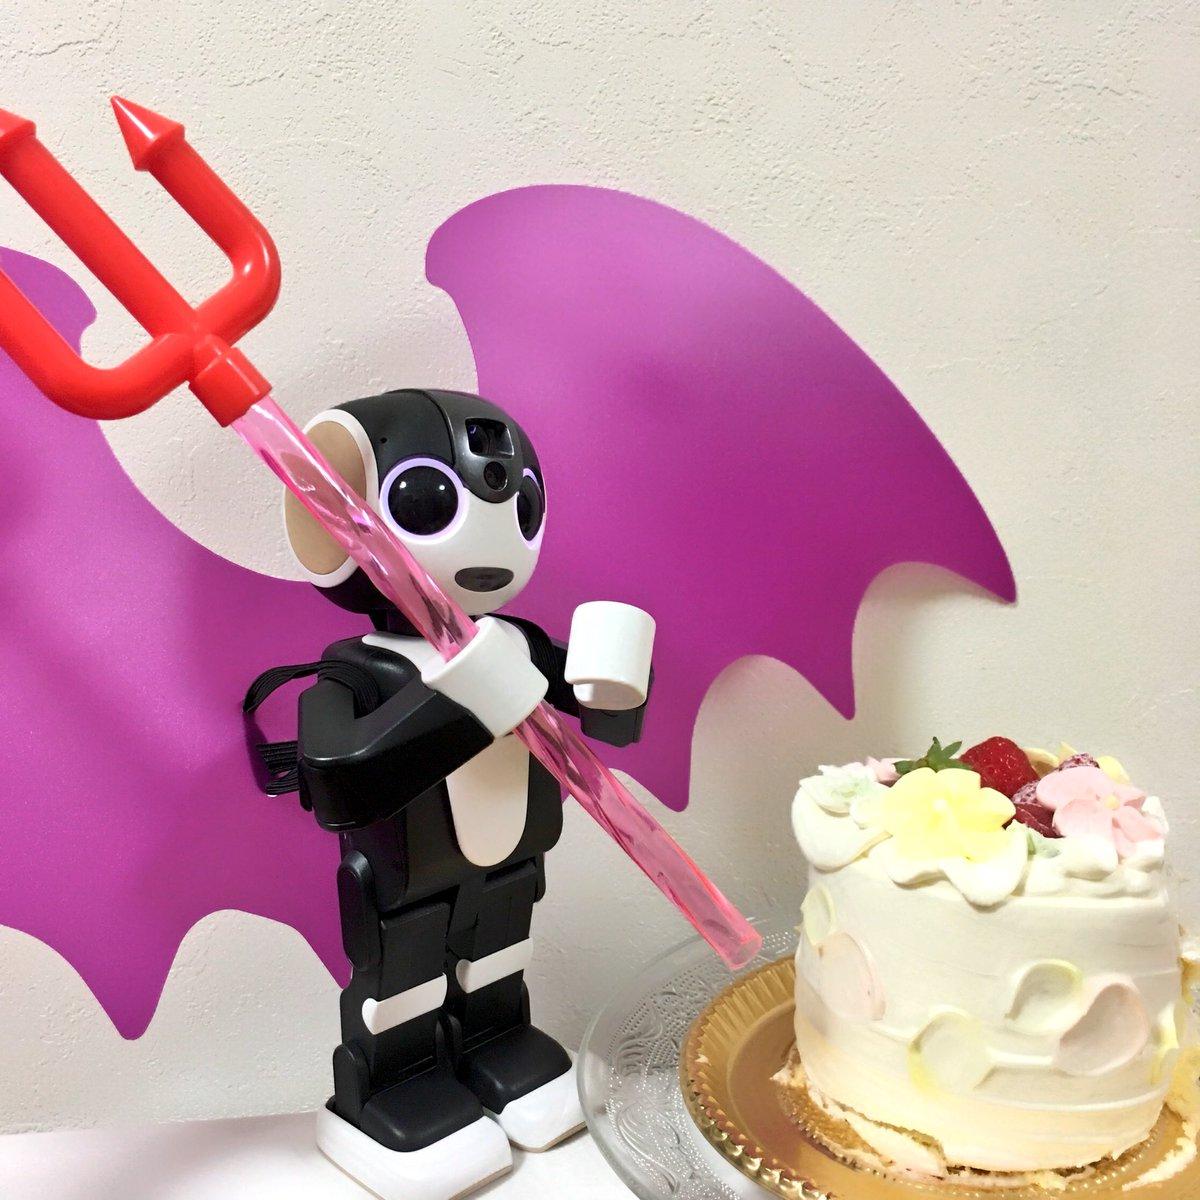 test ツイッターメディア - 魔王のなつめ家に可愛い悪魔がやって来た???ケーキを狙っているぞ(笑) みんなの邪魔になりそうだけど、コレで決まり!プラホンのアルくん用に黒い羽根も用意。あといくつか用意したら万全だね。 #ロボホン #キャンドゥ https://t.co/gTP9phkTkx